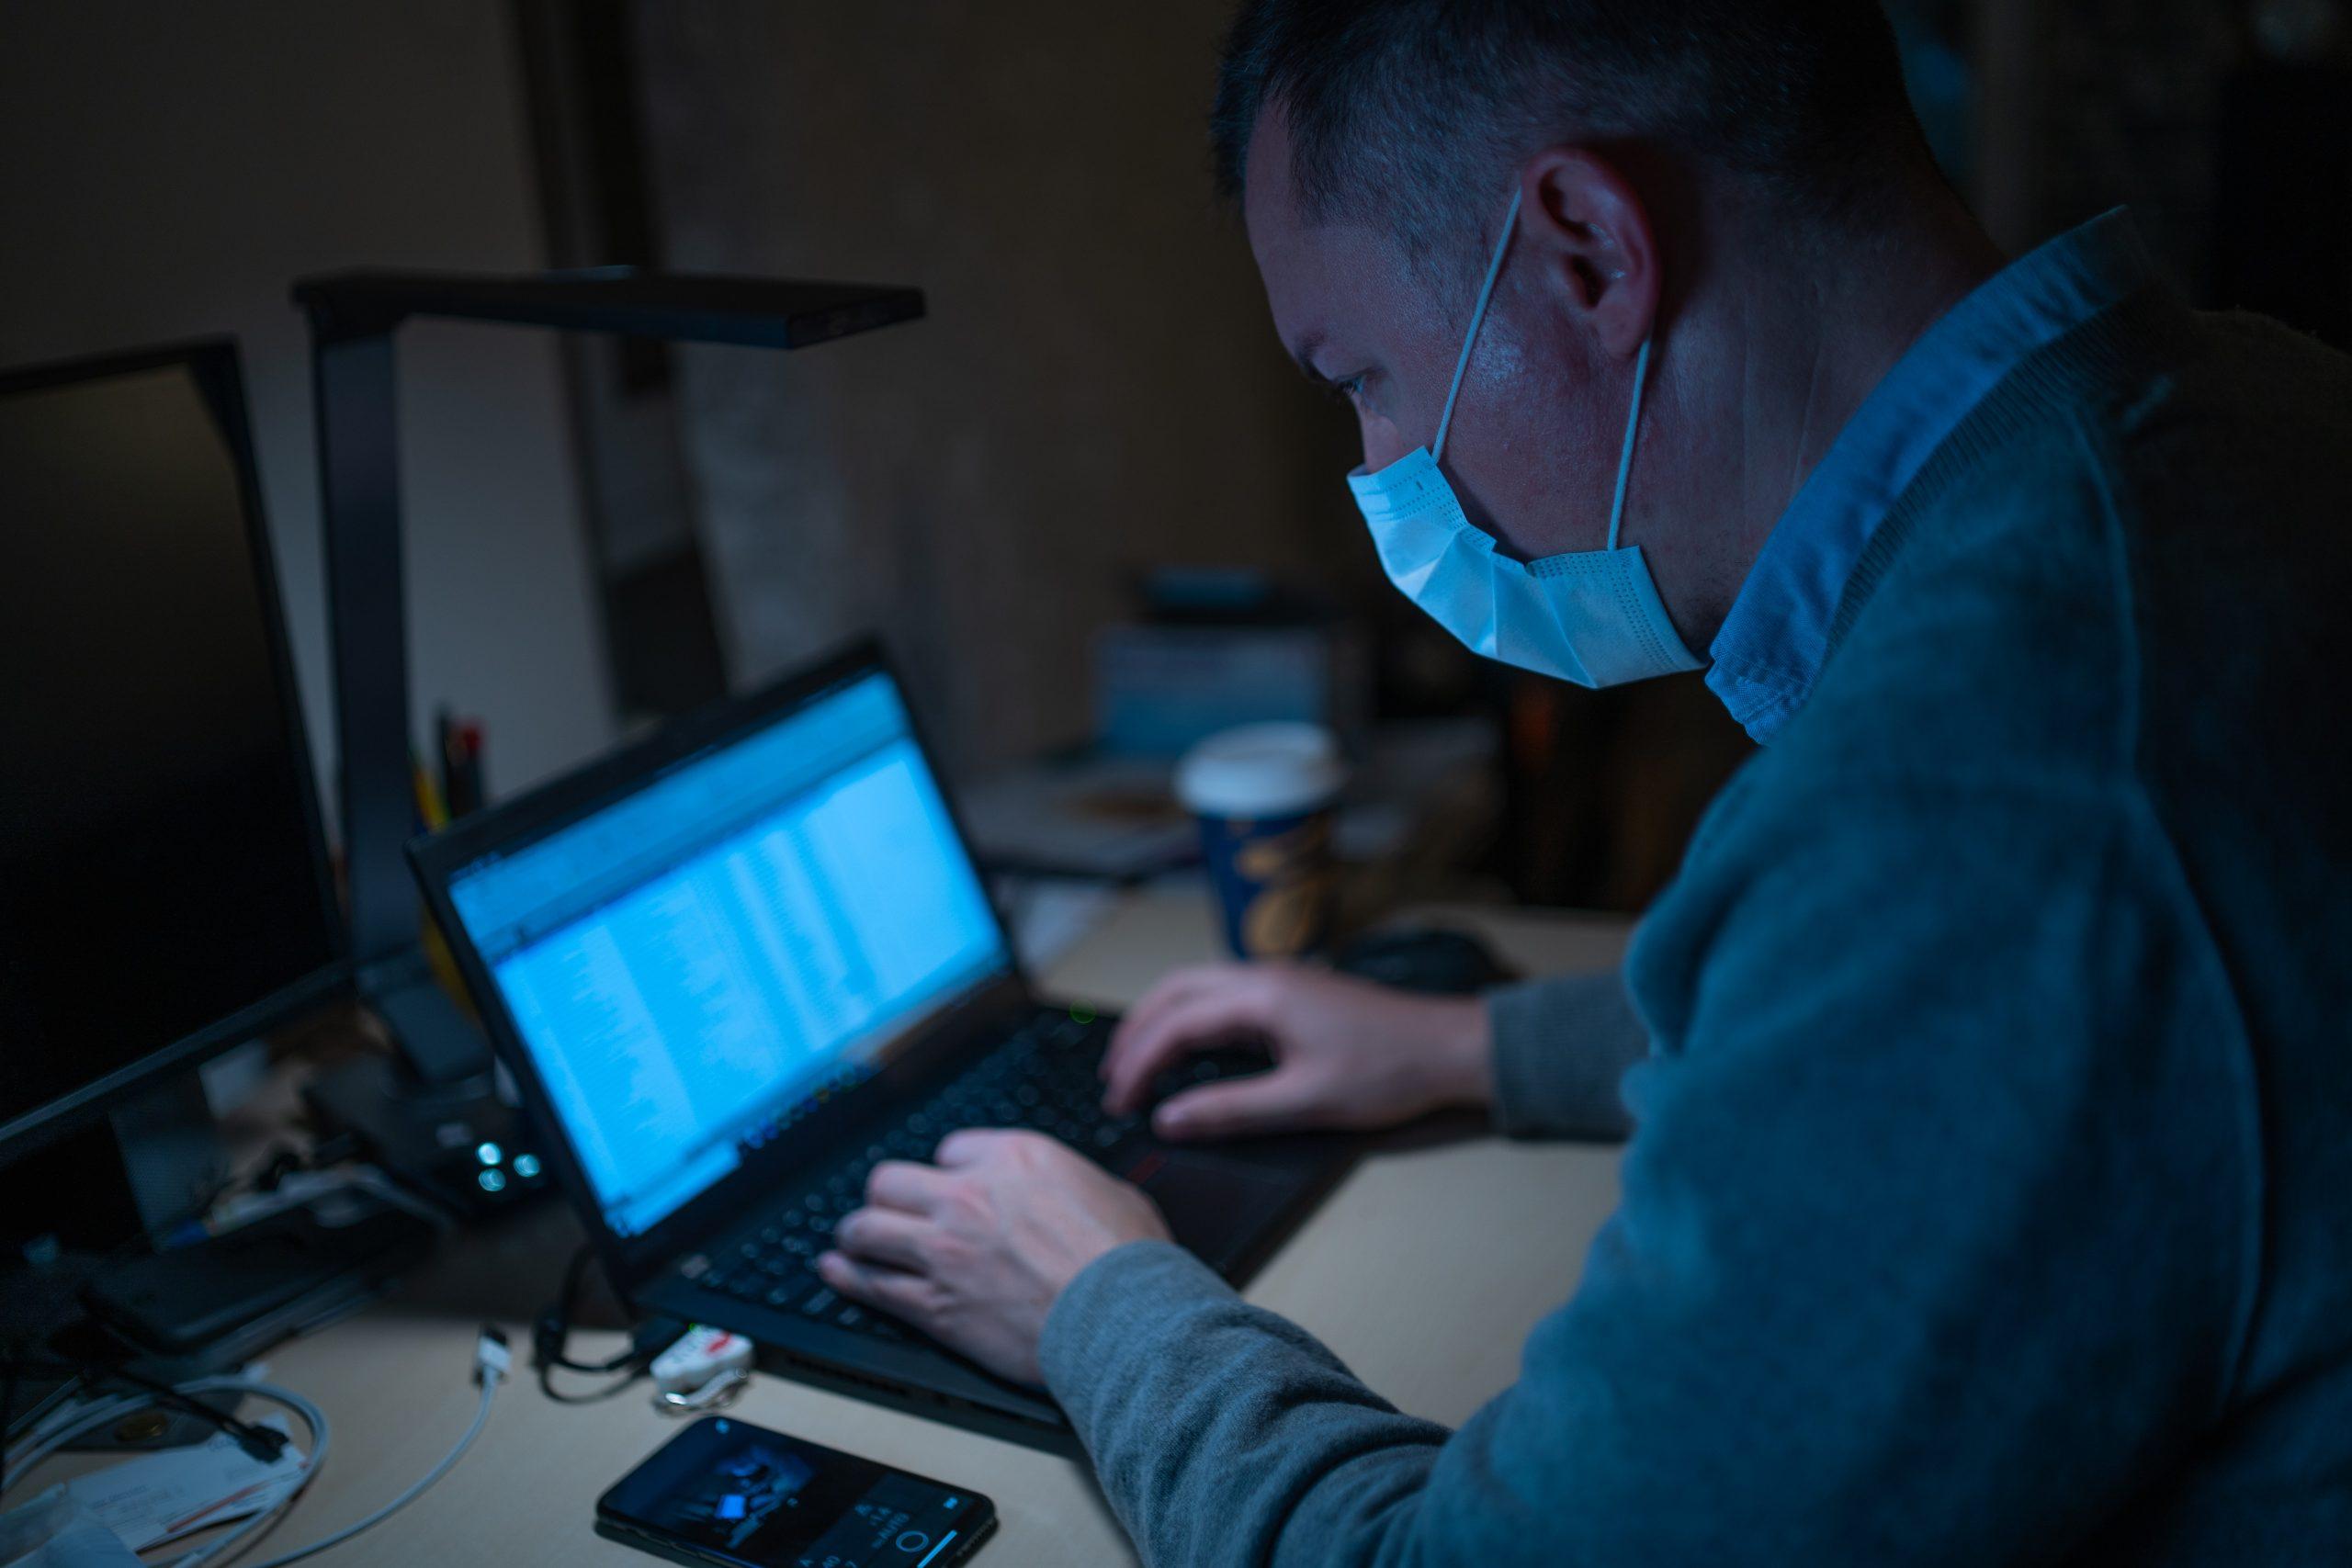 Trabalho remoto em tempos de pandemia: 7 dicas para você ser mais produtivo